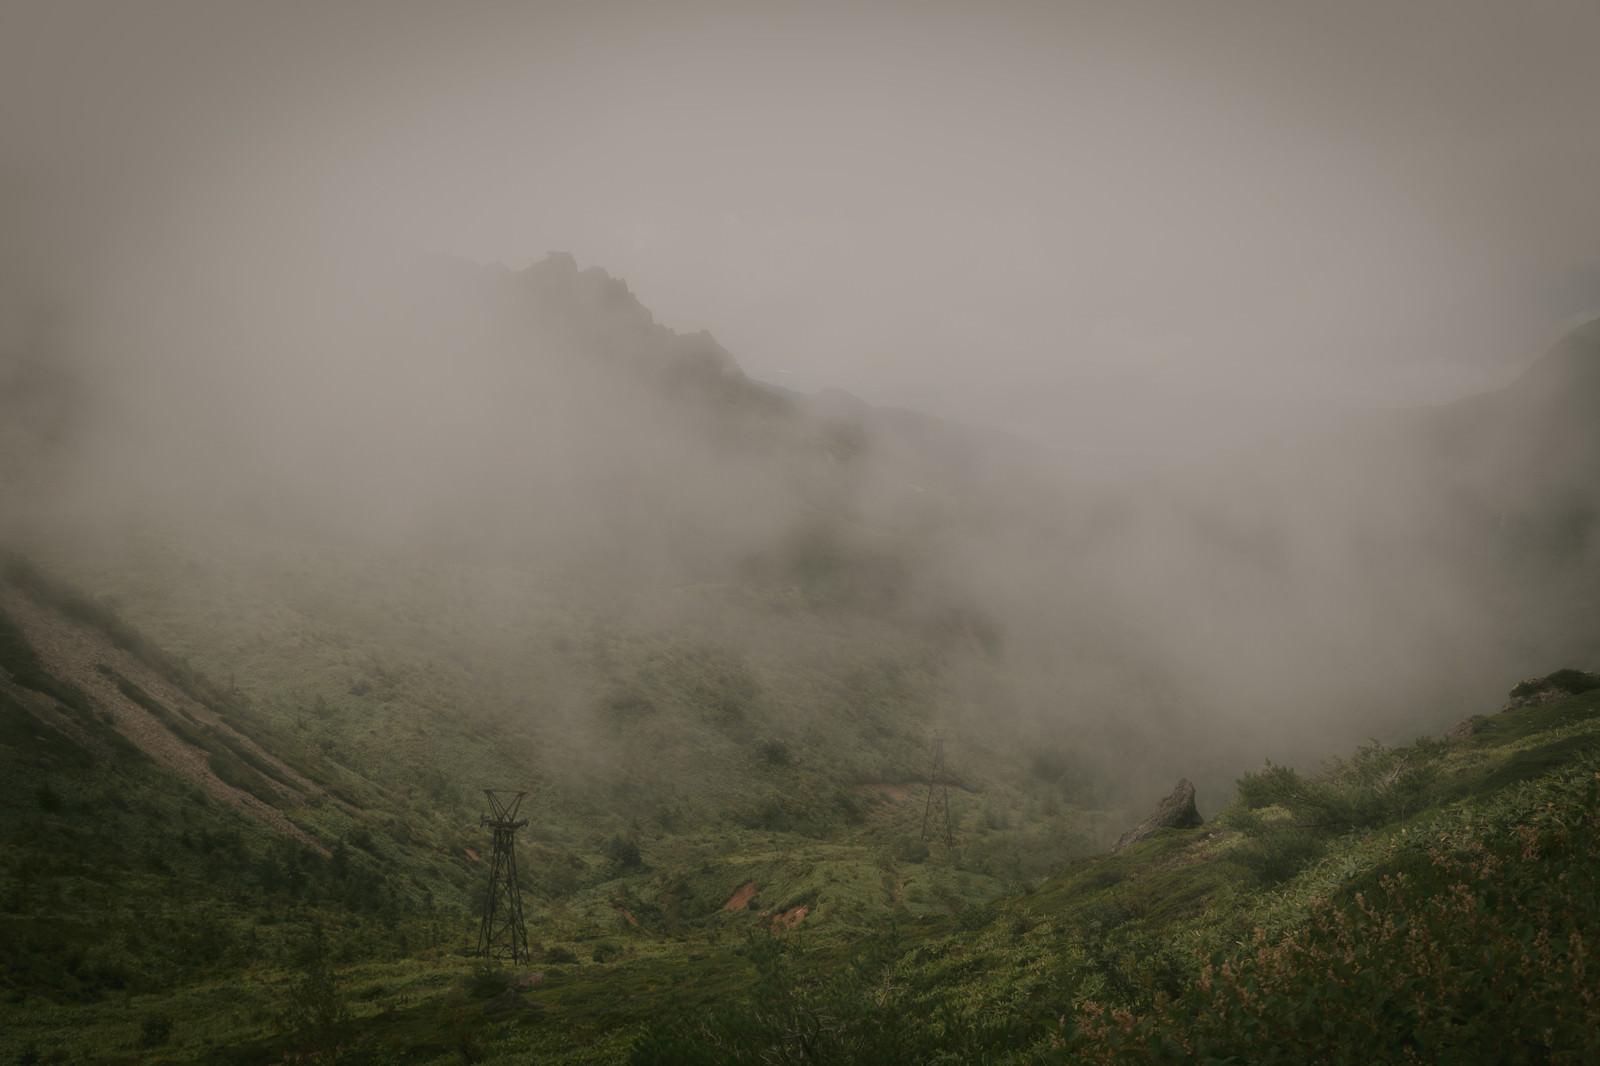 「深い霧に包まれた古びた鉄塔」の写真